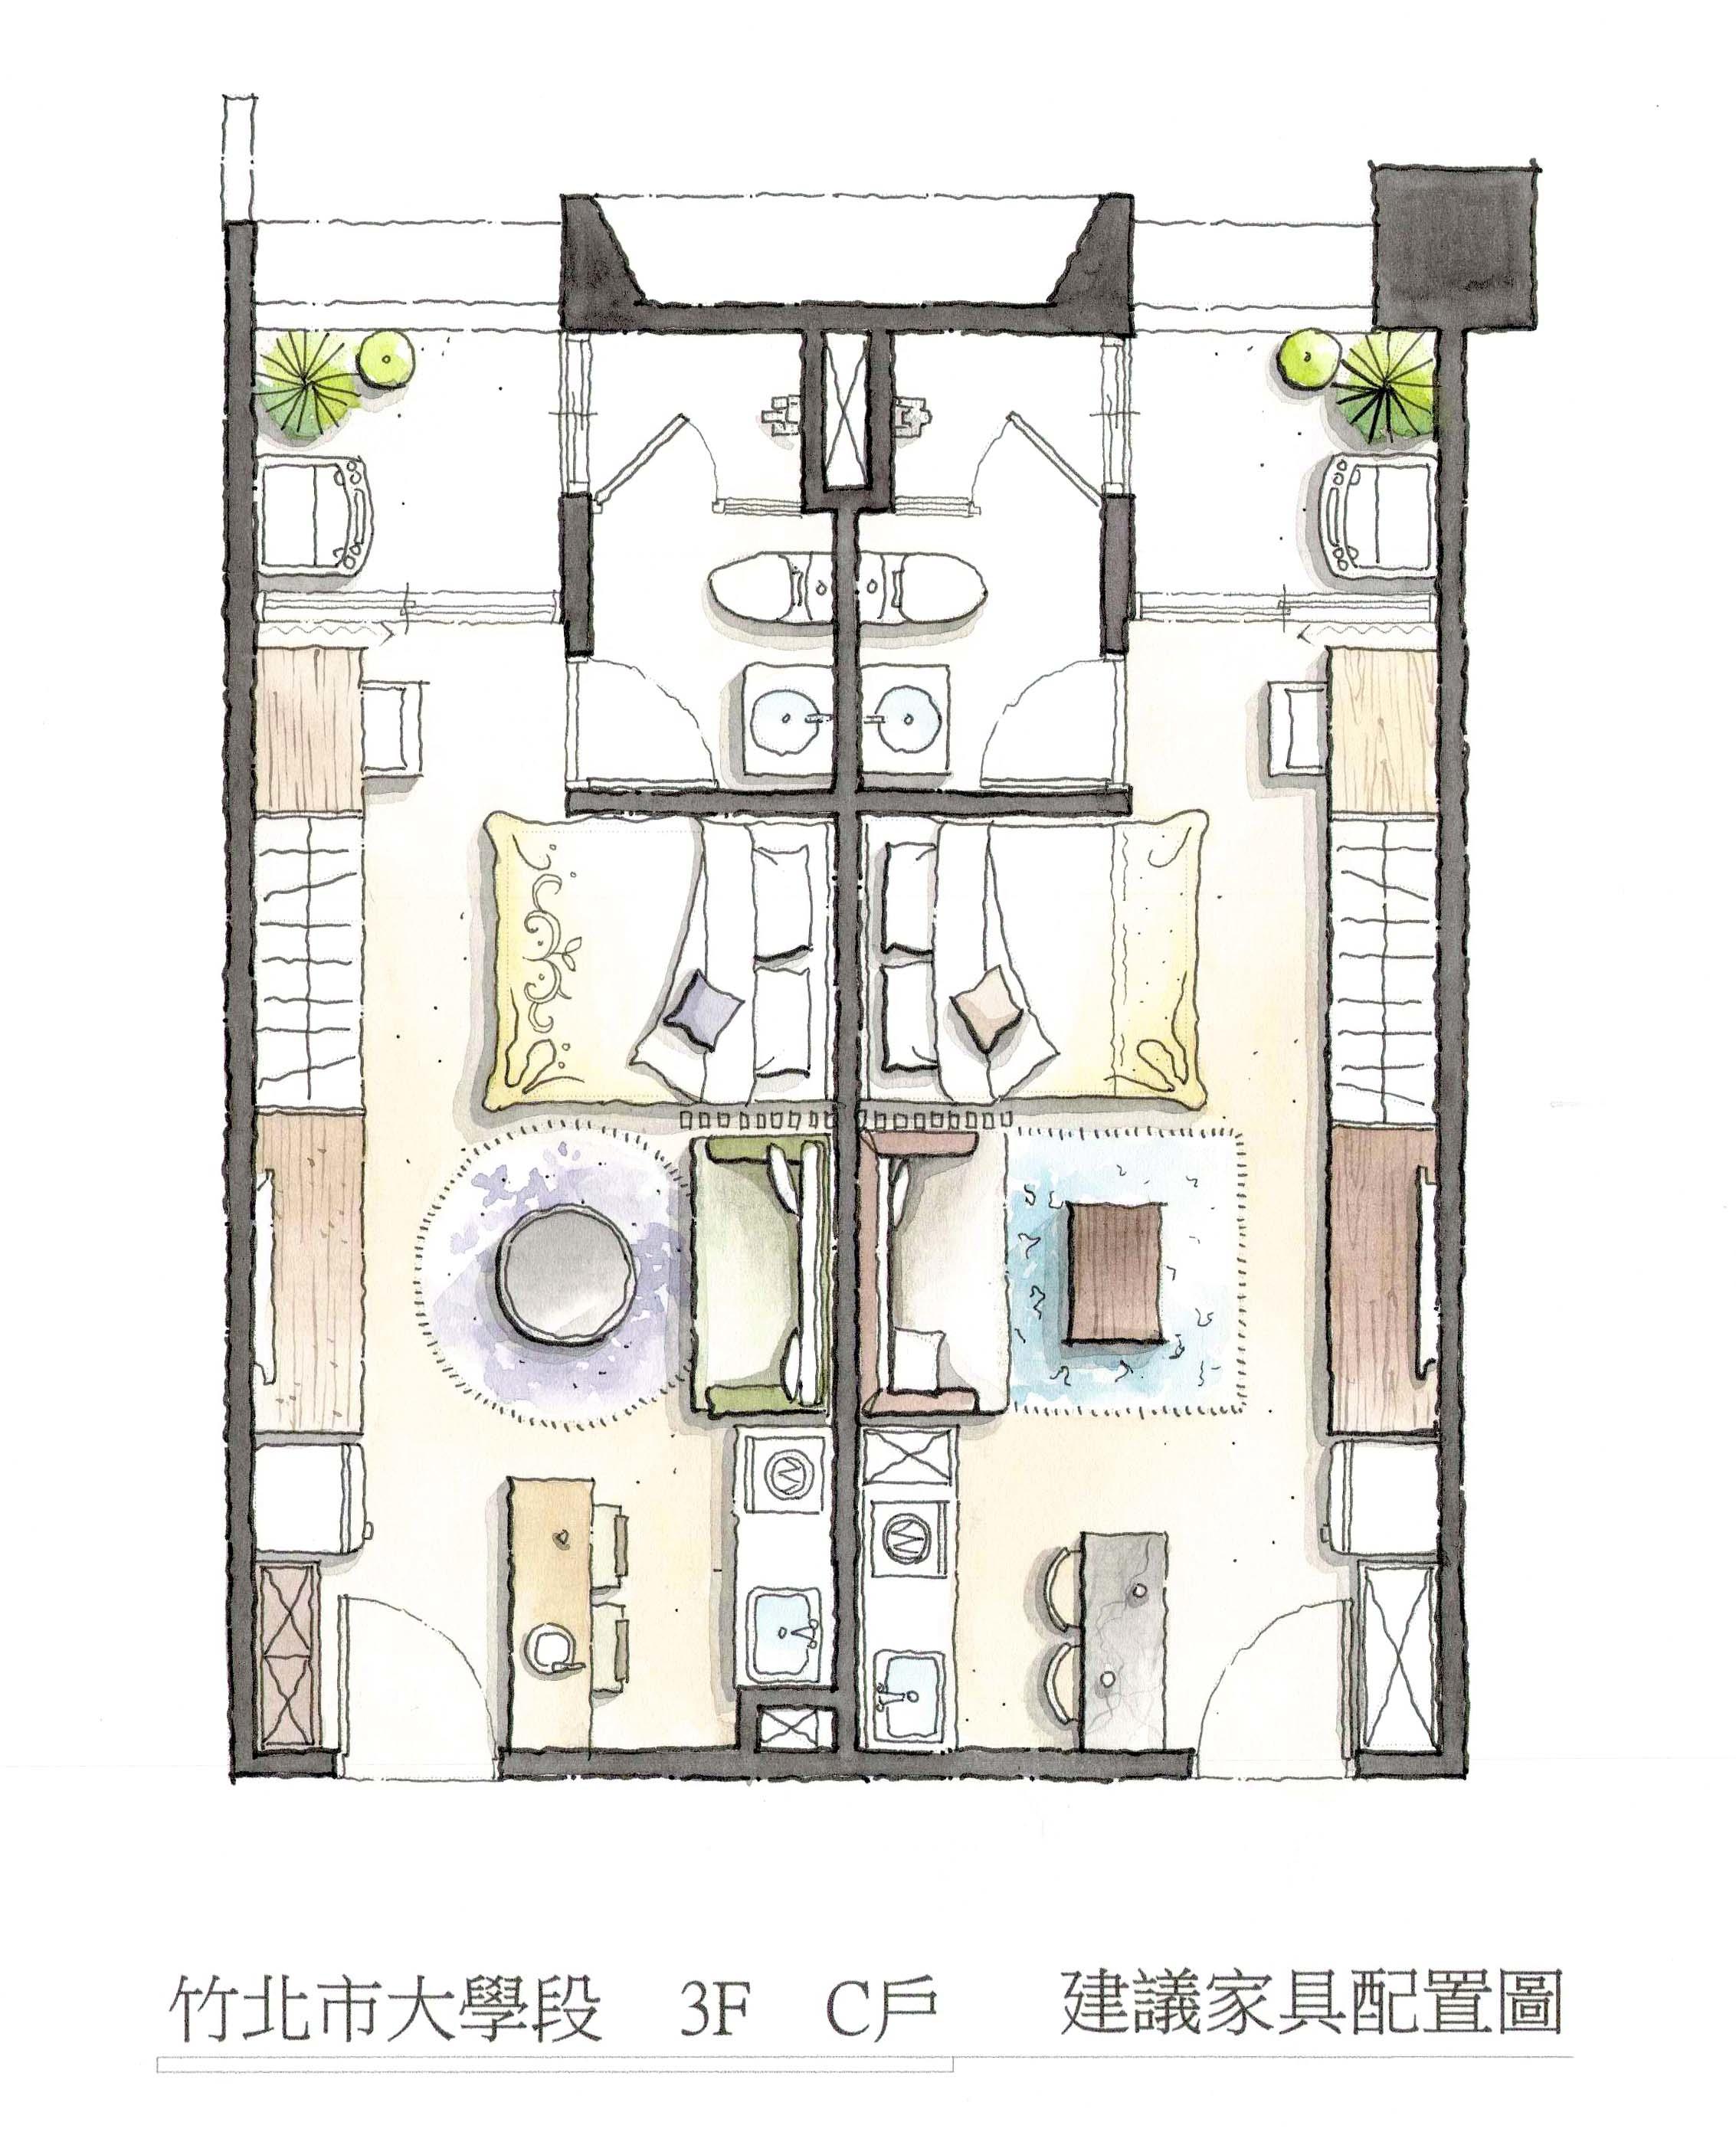 [竹北十興]設計規劃-大地至尊,投資興建-大筑建設-世紀行館(大樓)20171220-03.jpg